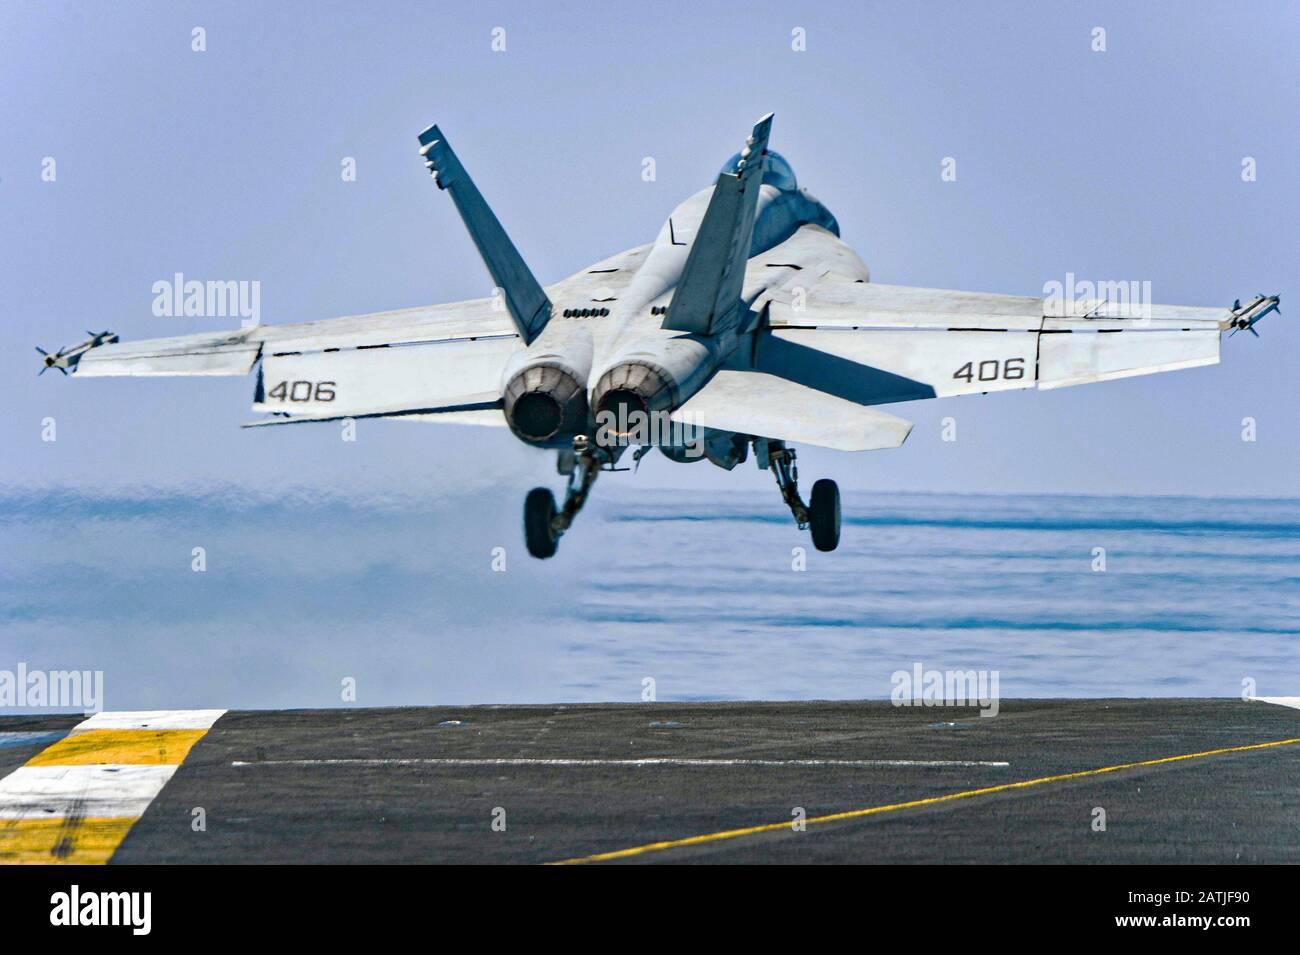 Un avion de chasse Super Hornet de la marine américaine F/A-18 E attaché au Strike Fighter Squadron 81, part du pont de vol du porte-avions USS Harry S. Truman le 30 janvier 2020 en mer d'Arabie. Banque D'Images